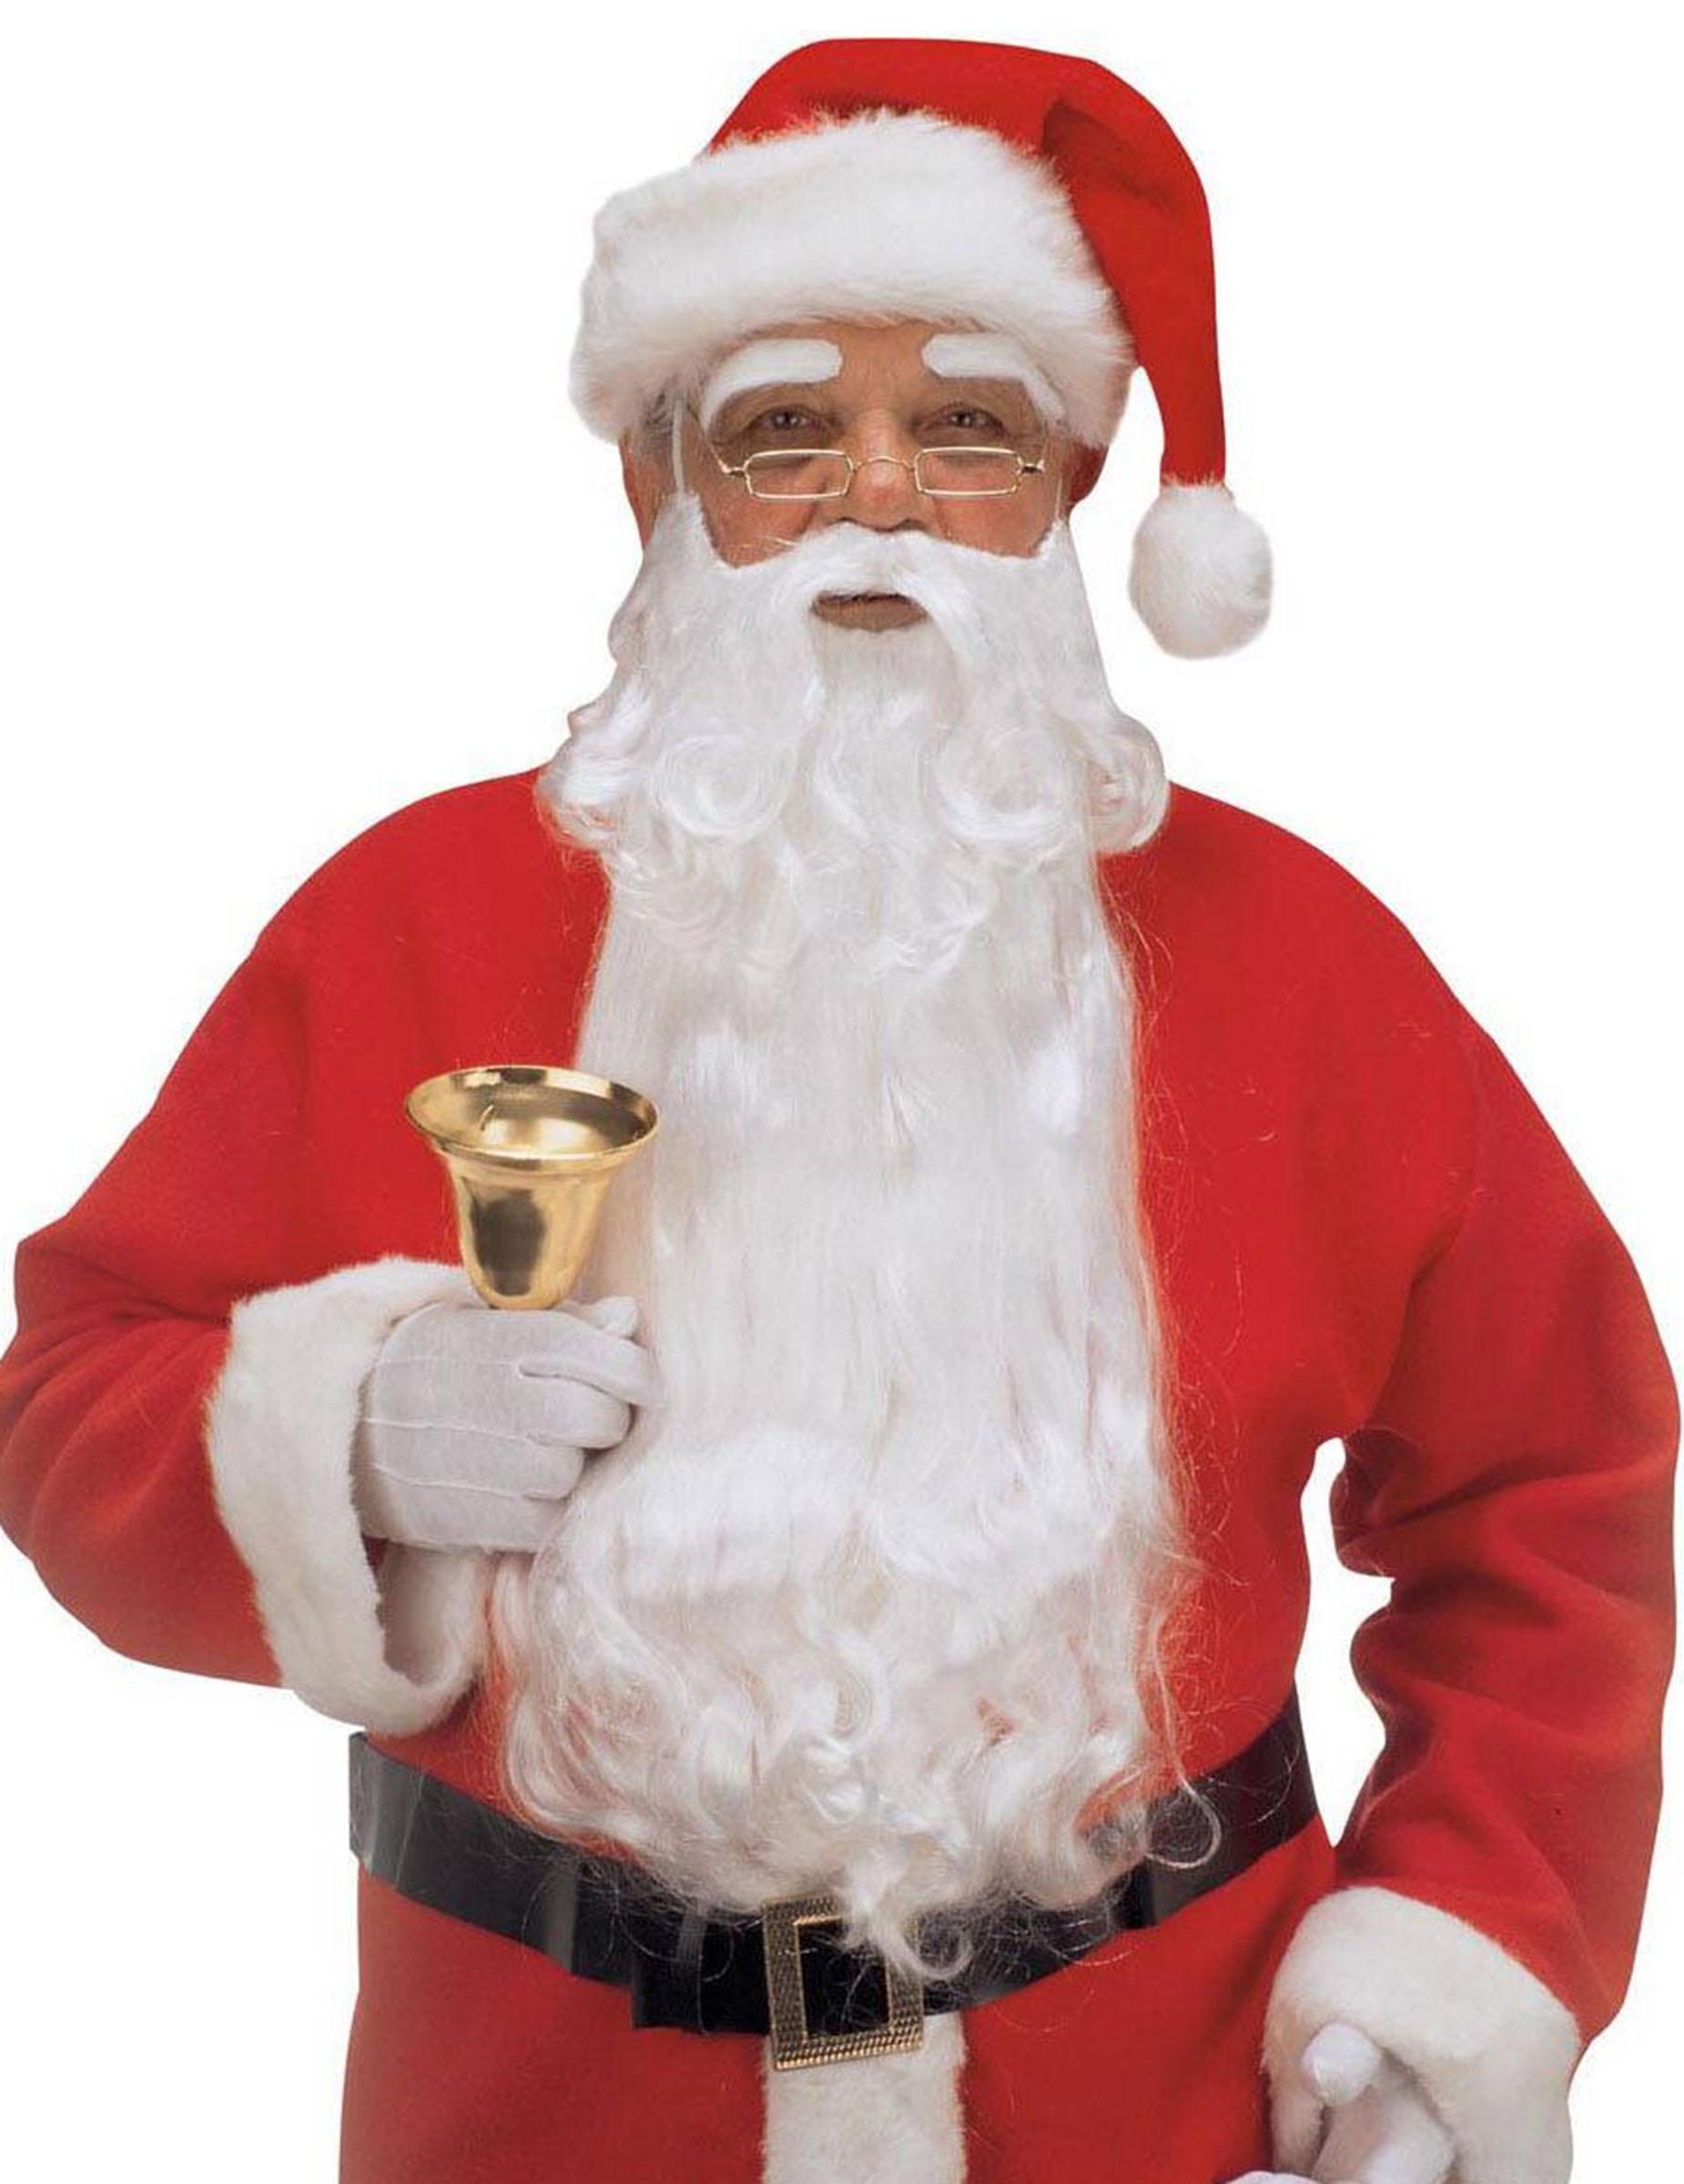 BABBO Natale Maschera Con con Barba Sopracciglia e Rosso Cappello Babbo Natale Costume